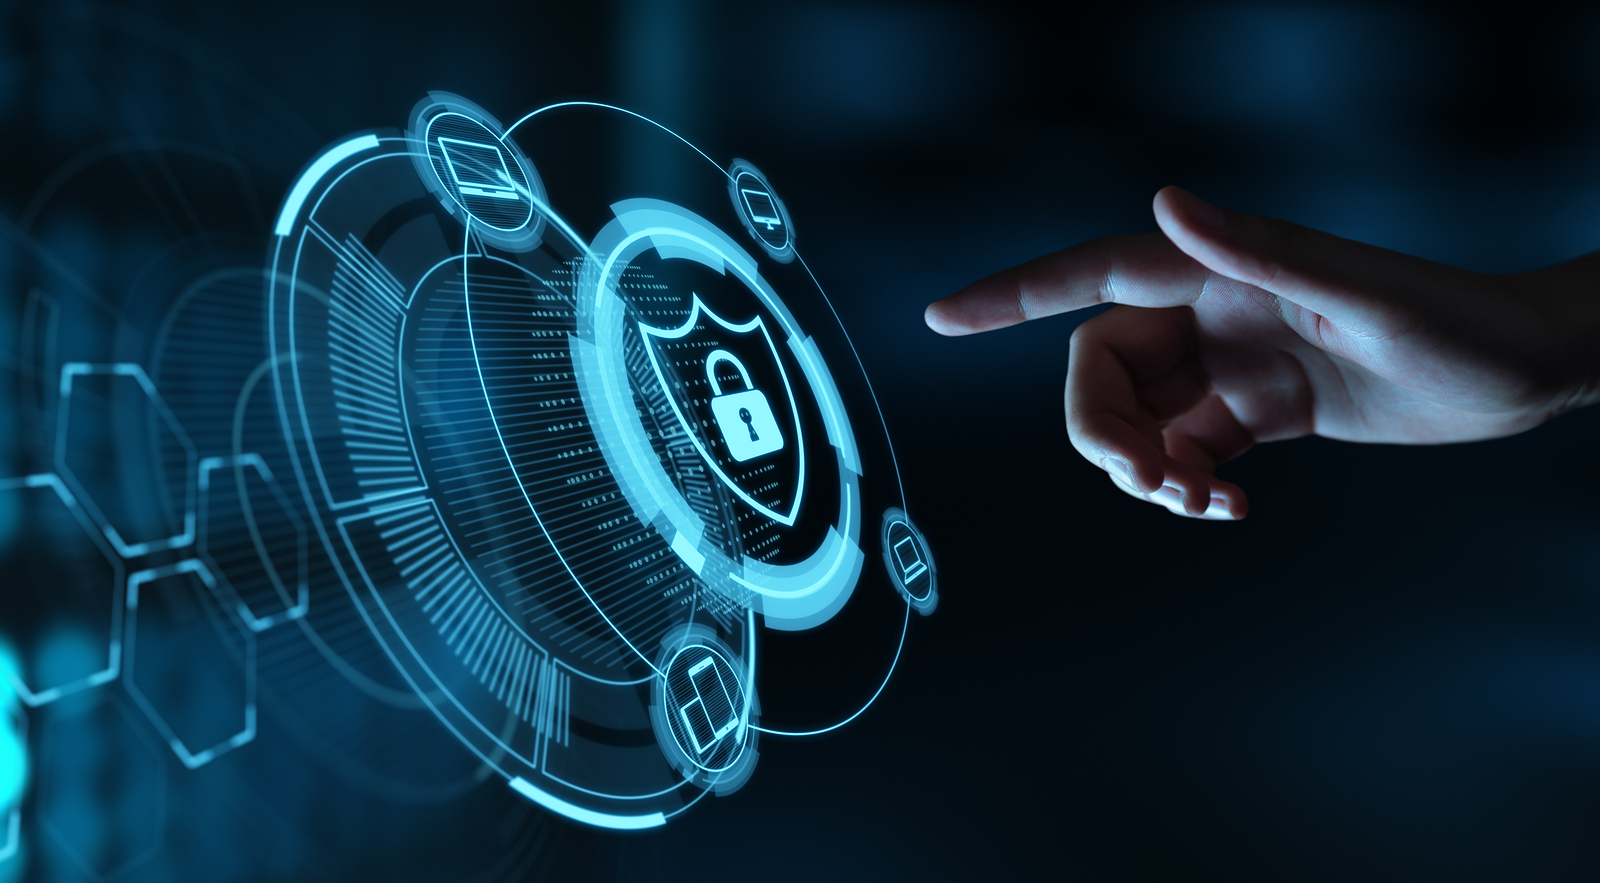 Consumidores estadounidenses quieren saber cómo las empresas usan sus datos personales y la tecnología blockchain puede ayudar, refleja encuesta de KPMG